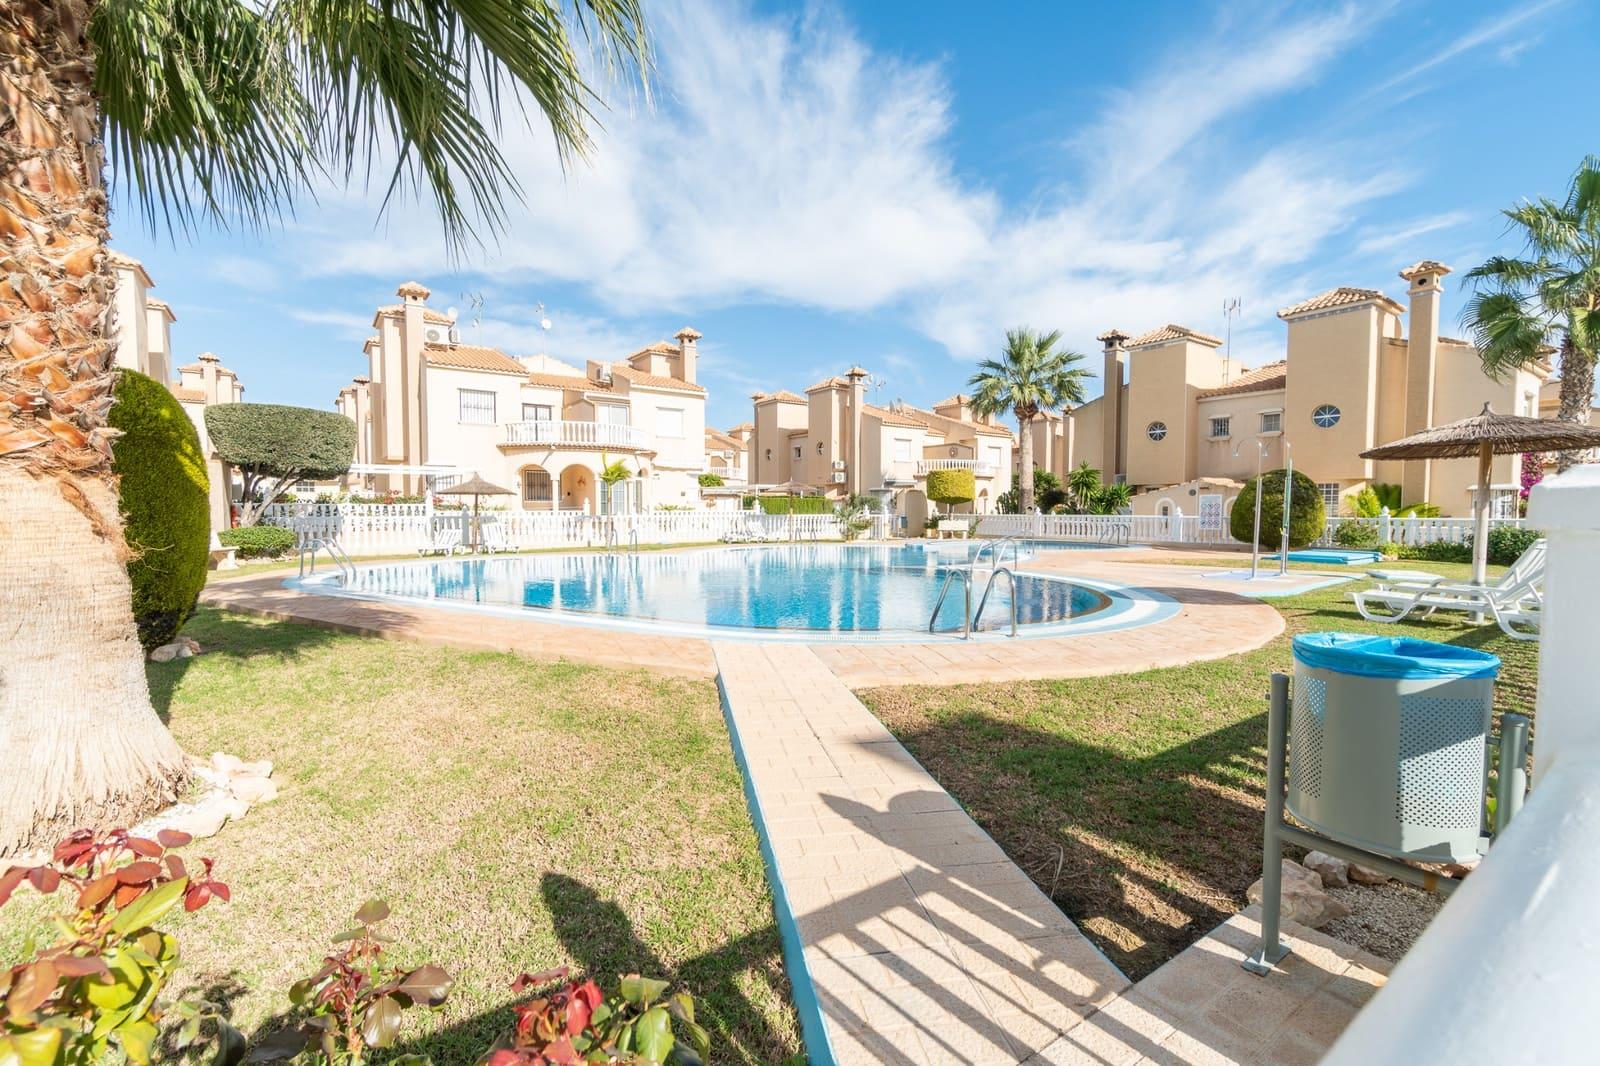 Chalet de 3 habitaciones en Playa Flamenca en venta con piscina garaje - 149.900 € (Ref: 4960195)